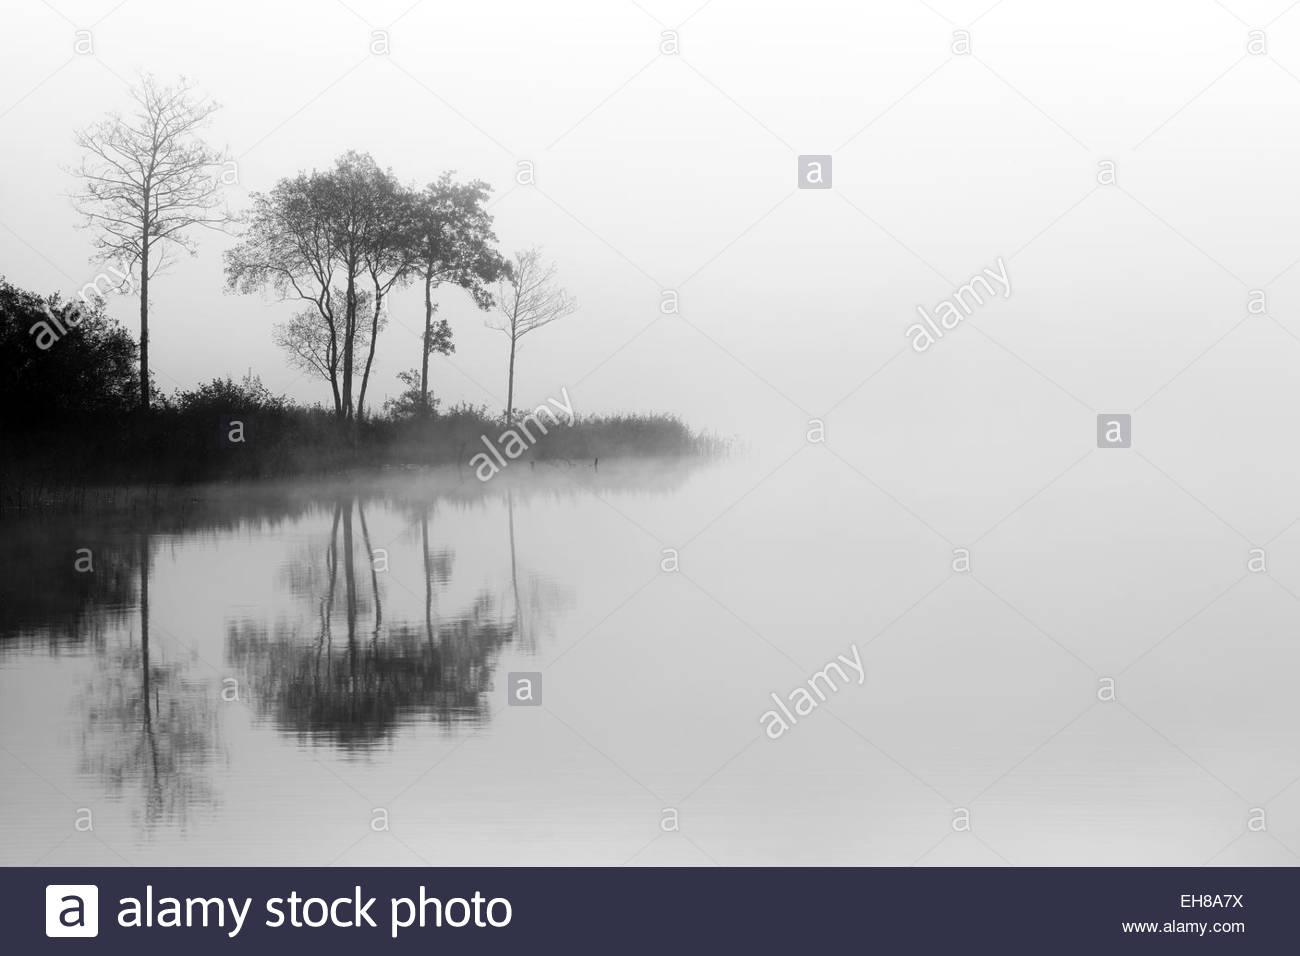 Loch Ard árboles en la niebla reflexionando sobre el agua. Stirlingshire, Escocia Imagen De Stock